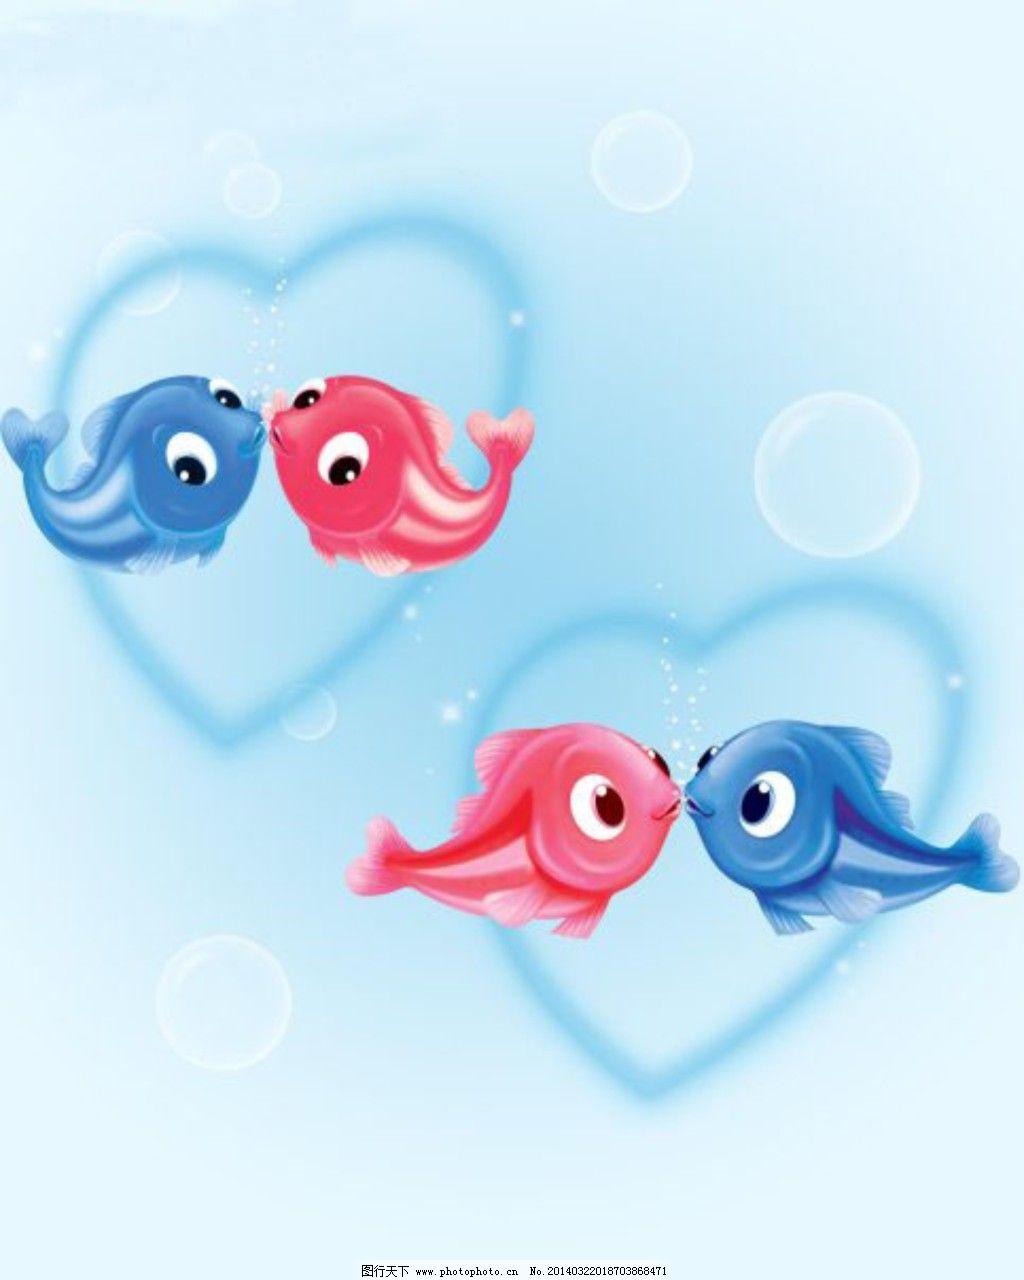 蓝色 水泡 小鱼 小鱼 蓝色 水泡 图片素材 卡通|动漫|可爱图片